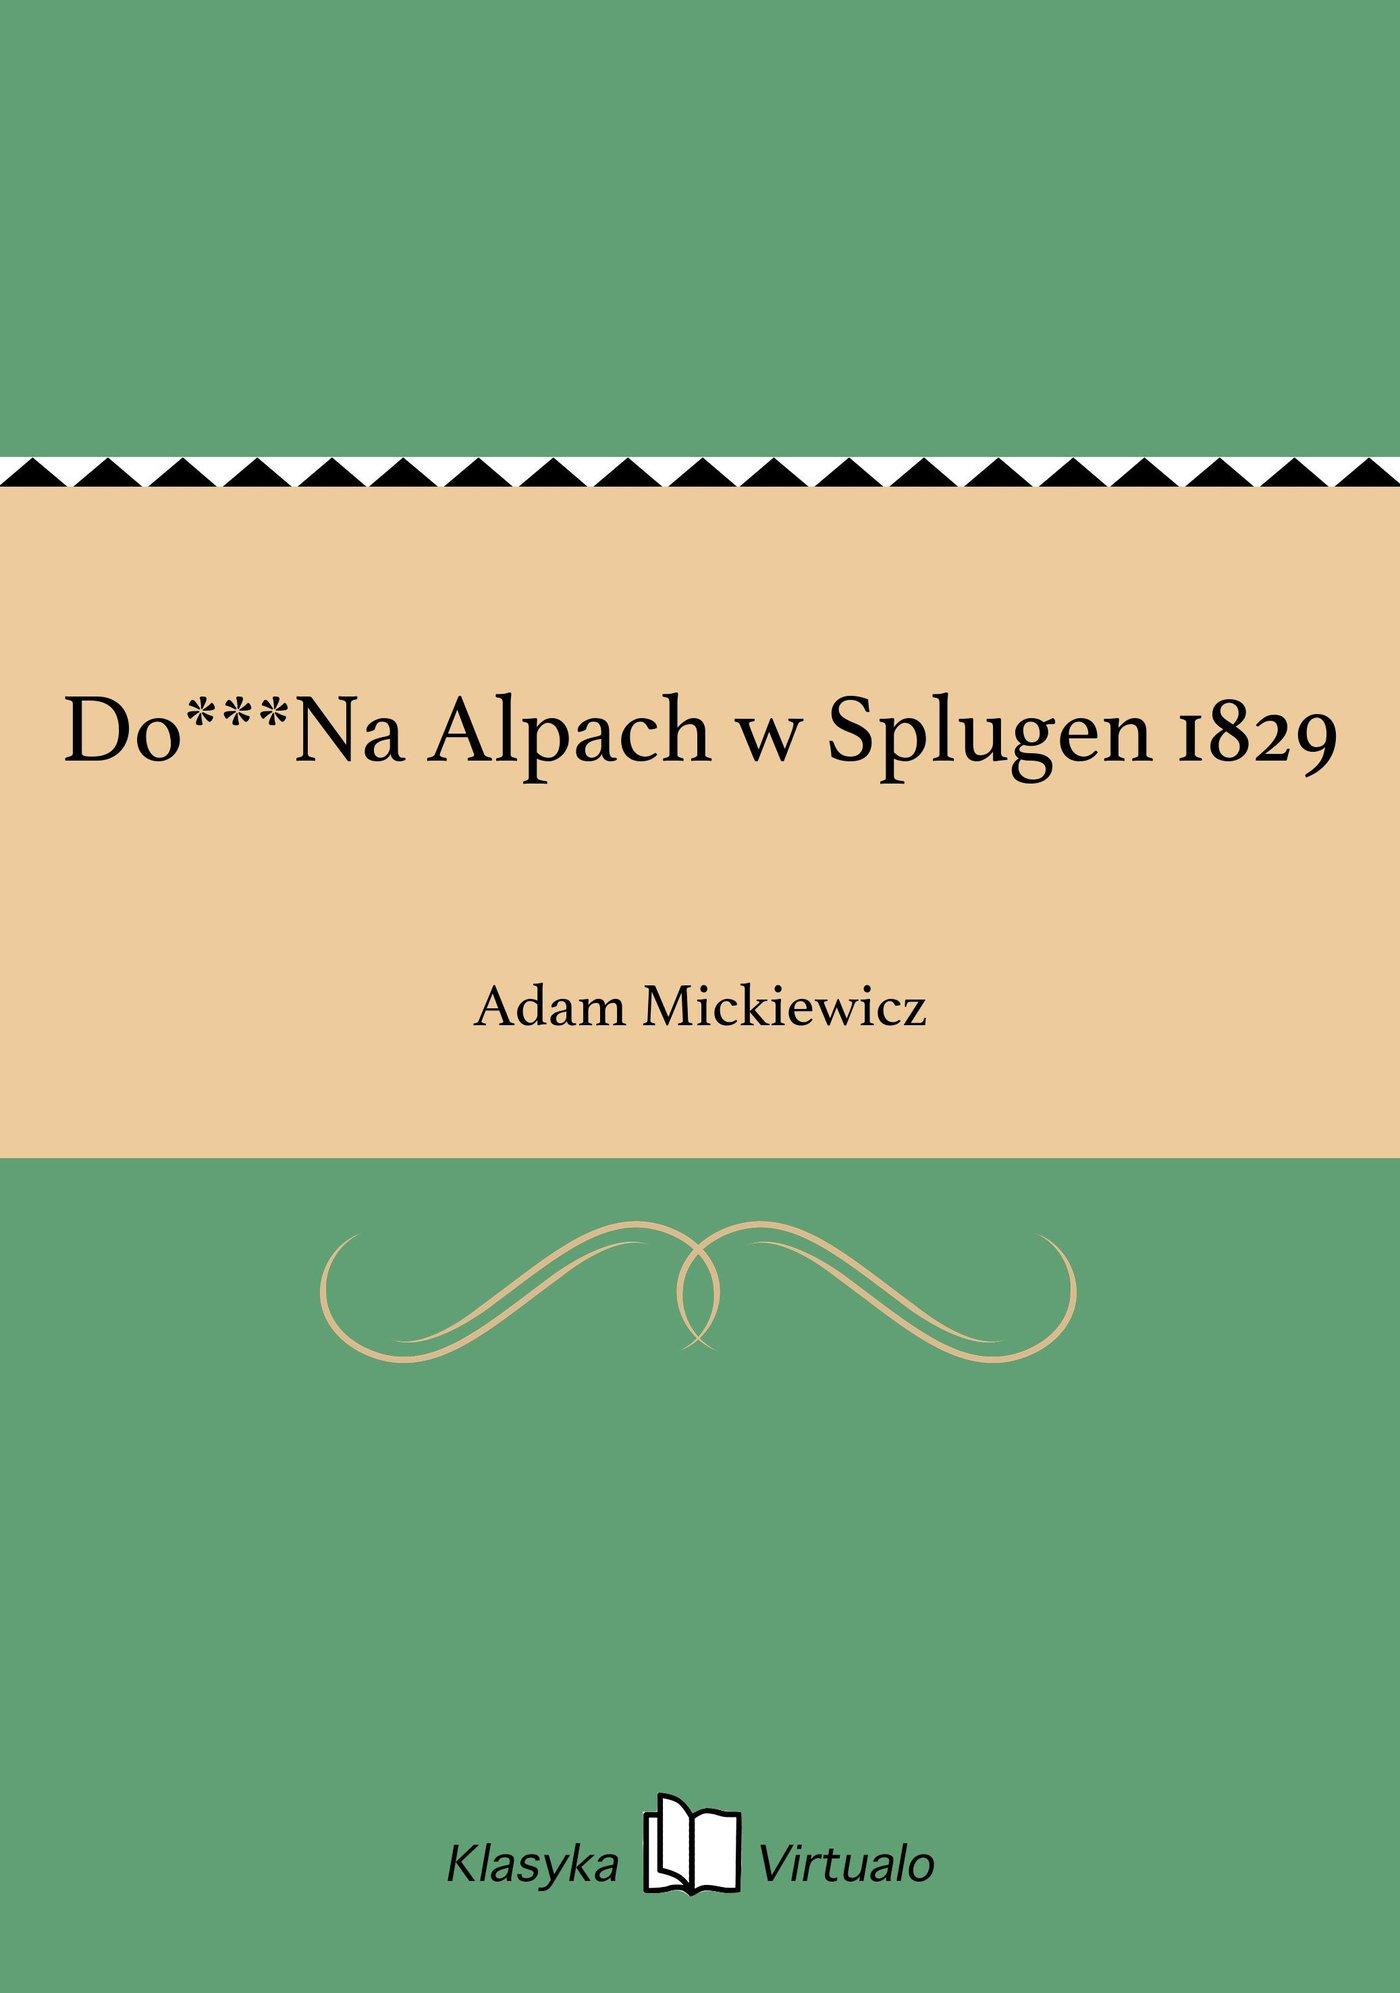 Do***Na Alpach w Splugen 1829 - Ebook (Książka EPUB) do pobrania w formacie EPUB